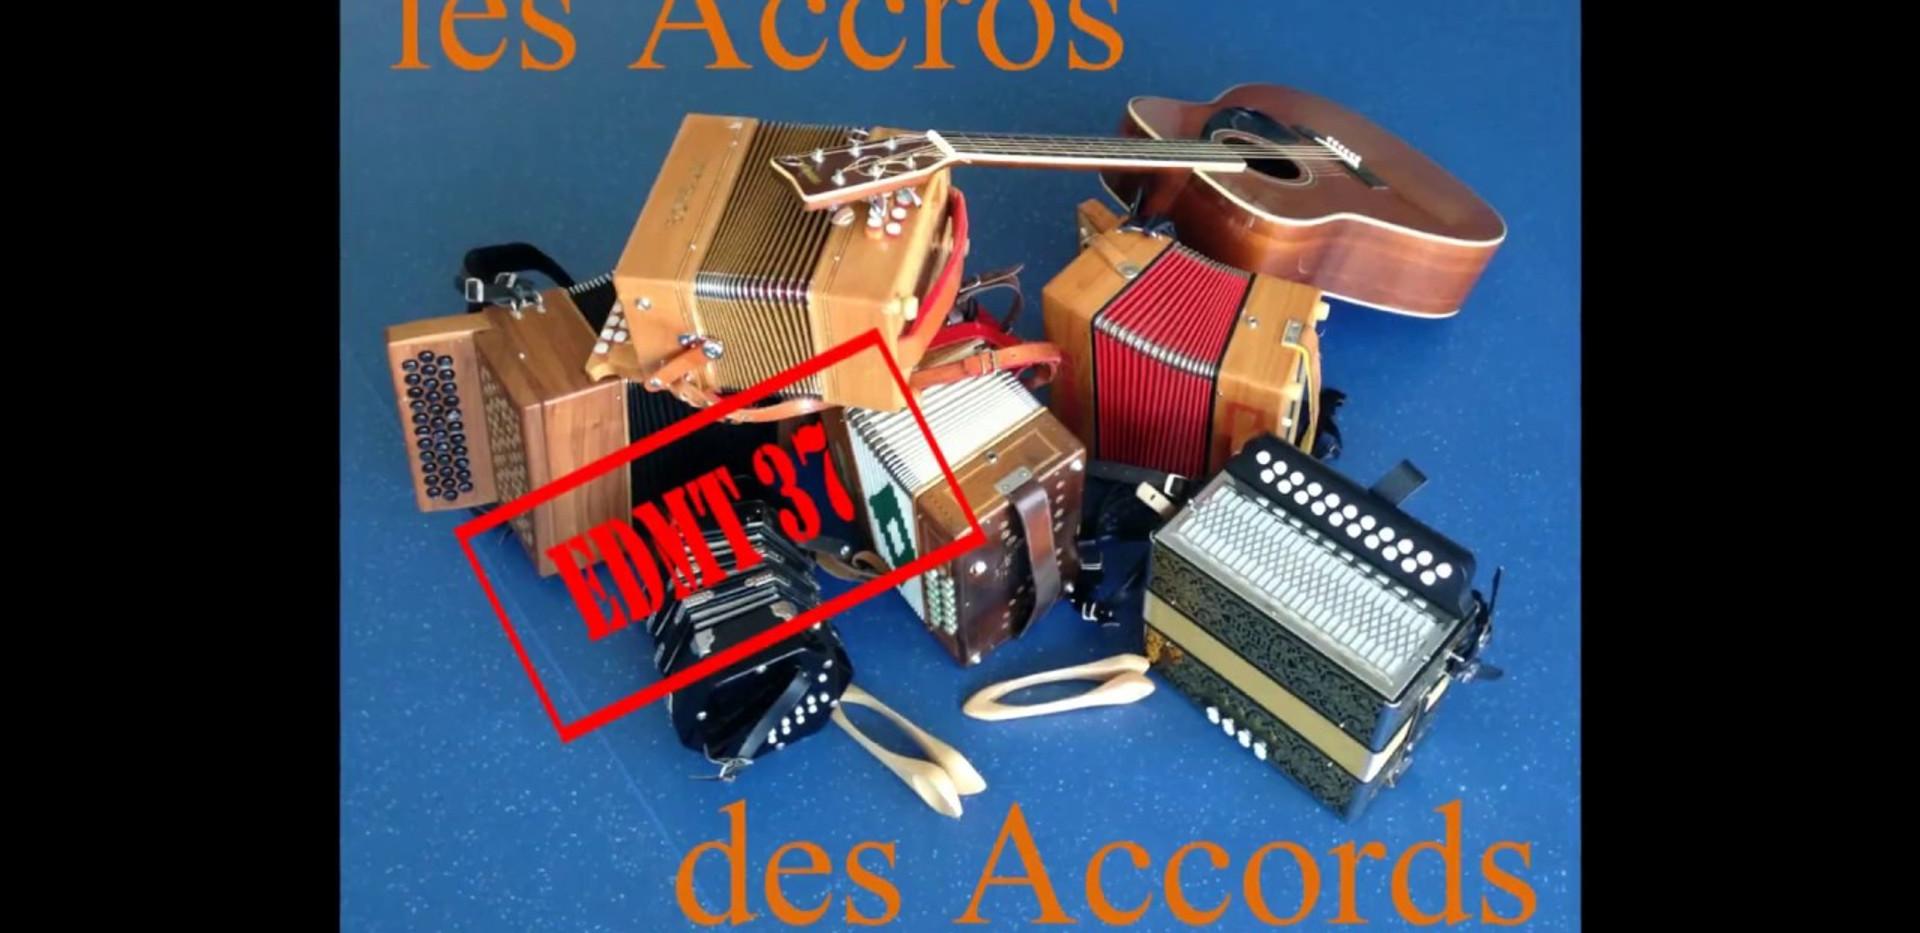 Les Accrocs des Accords EDMT 37